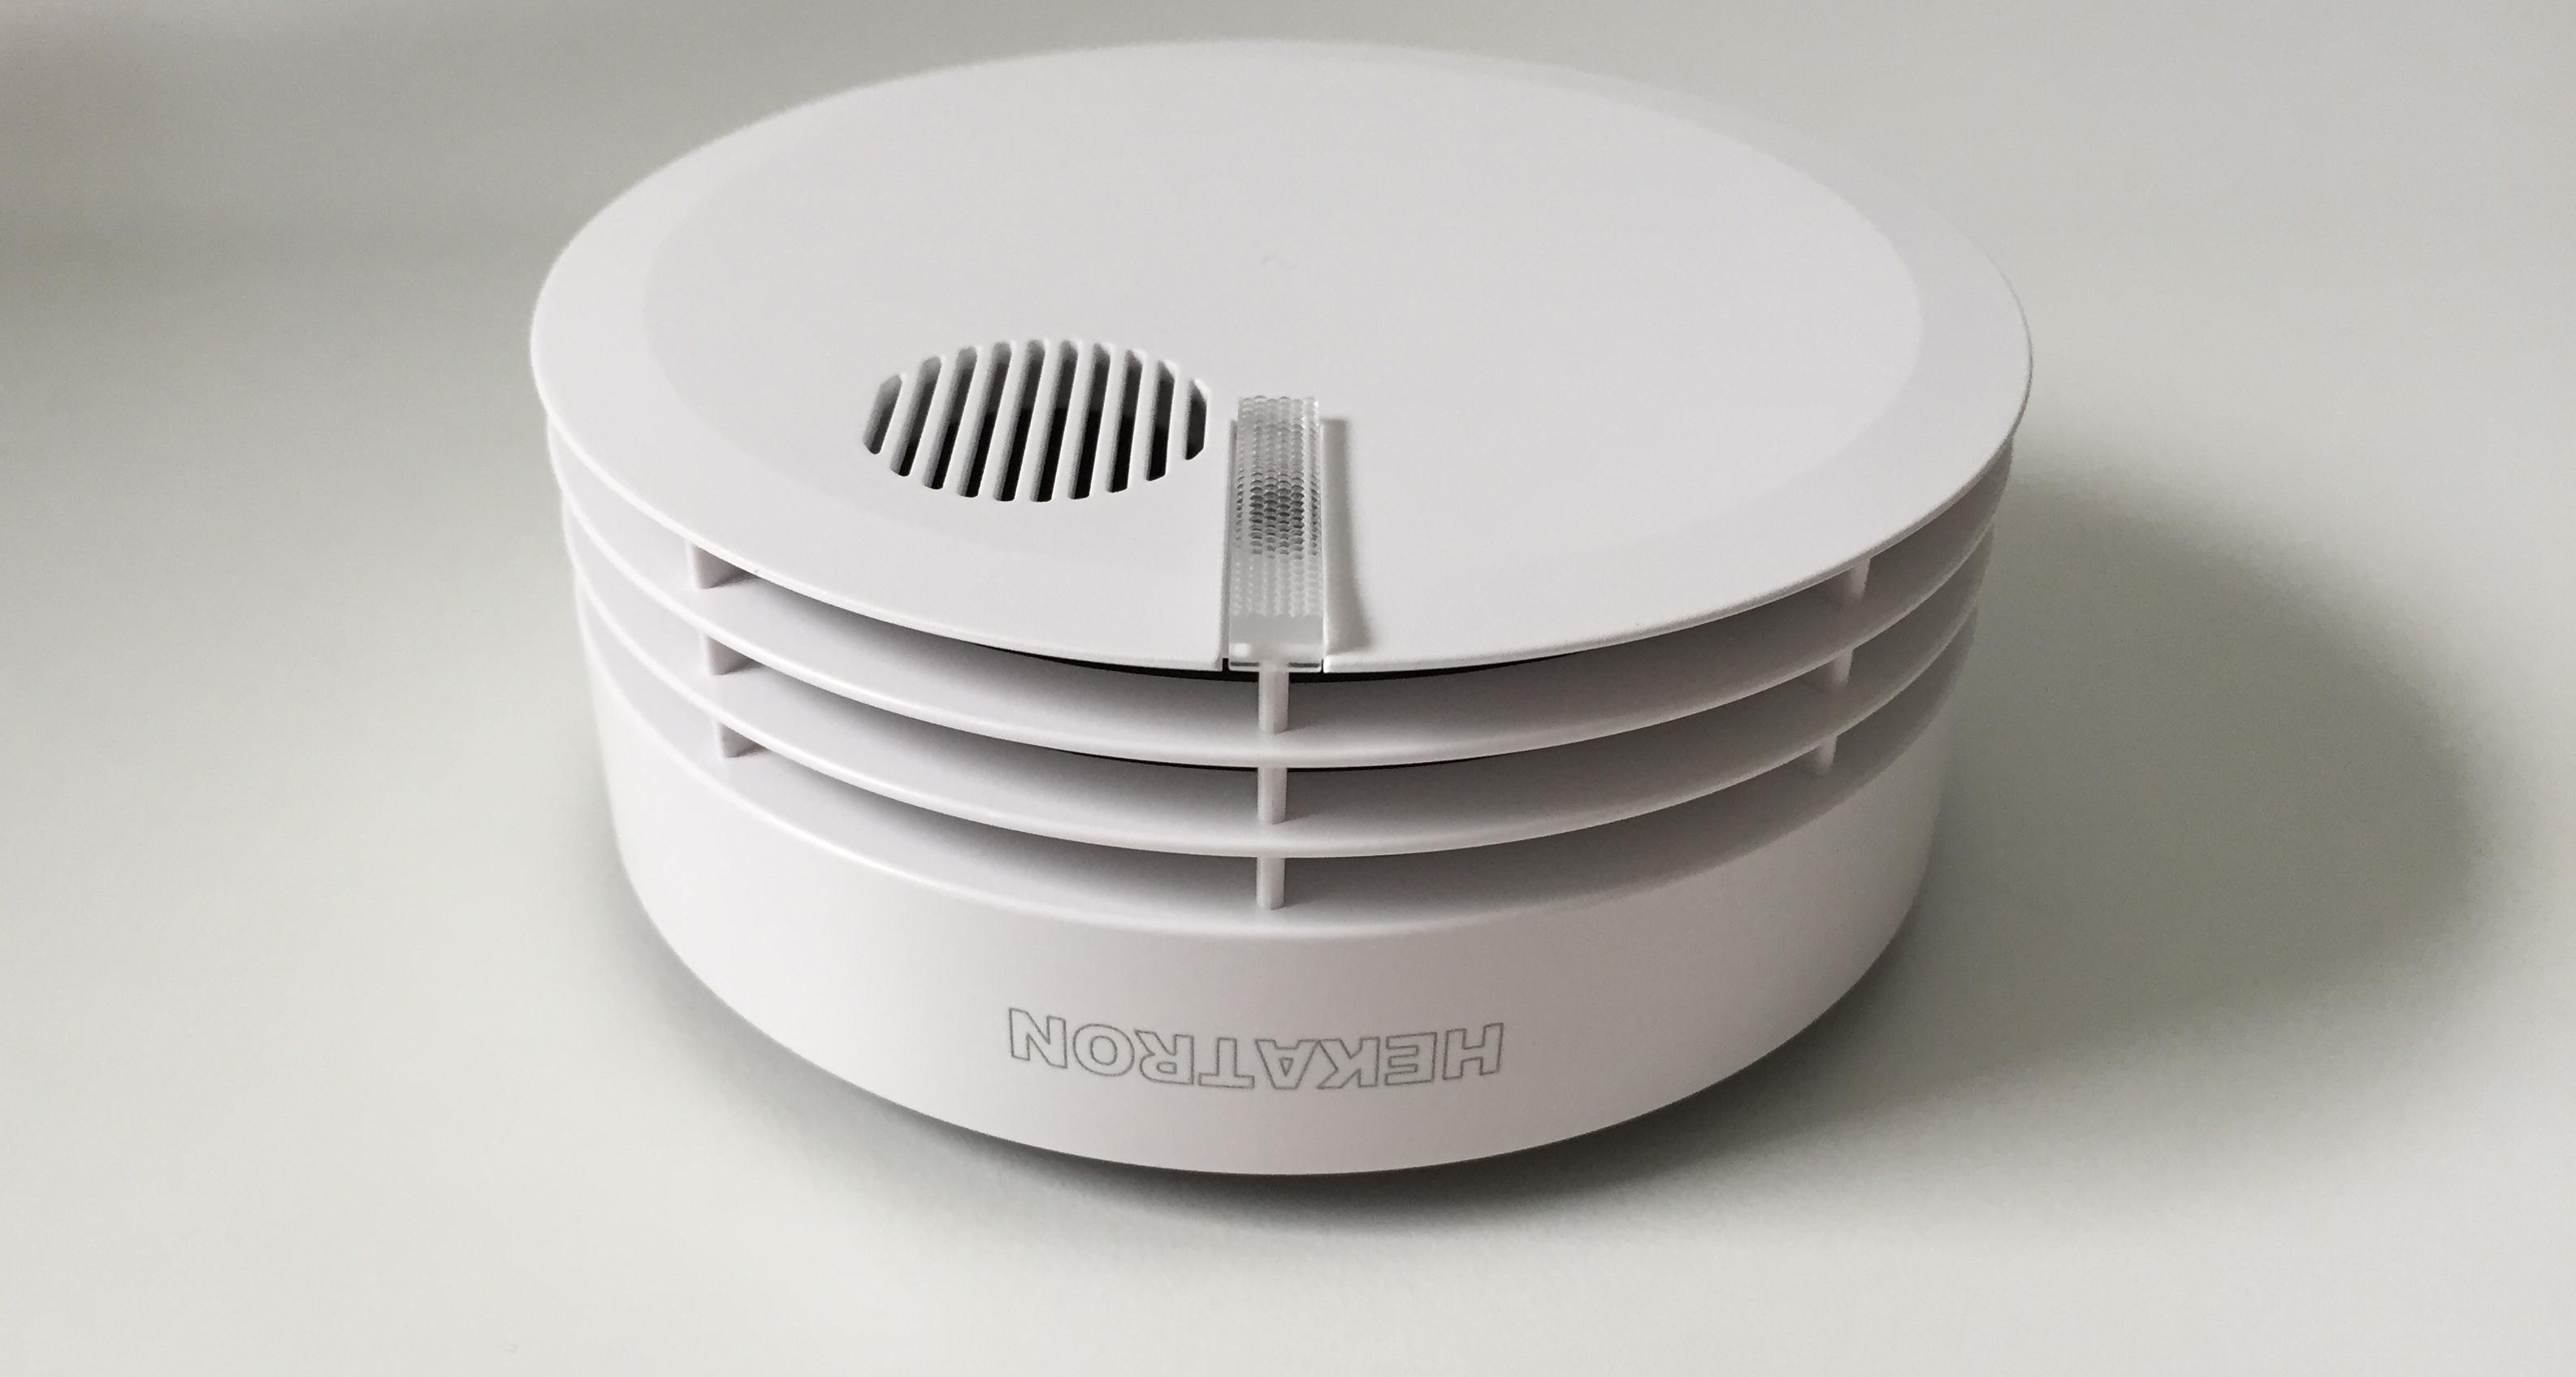 hekatron genius h 10 jahres rauchmelder im langzeittest. Black Bedroom Furniture Sets. Home Design Ideas